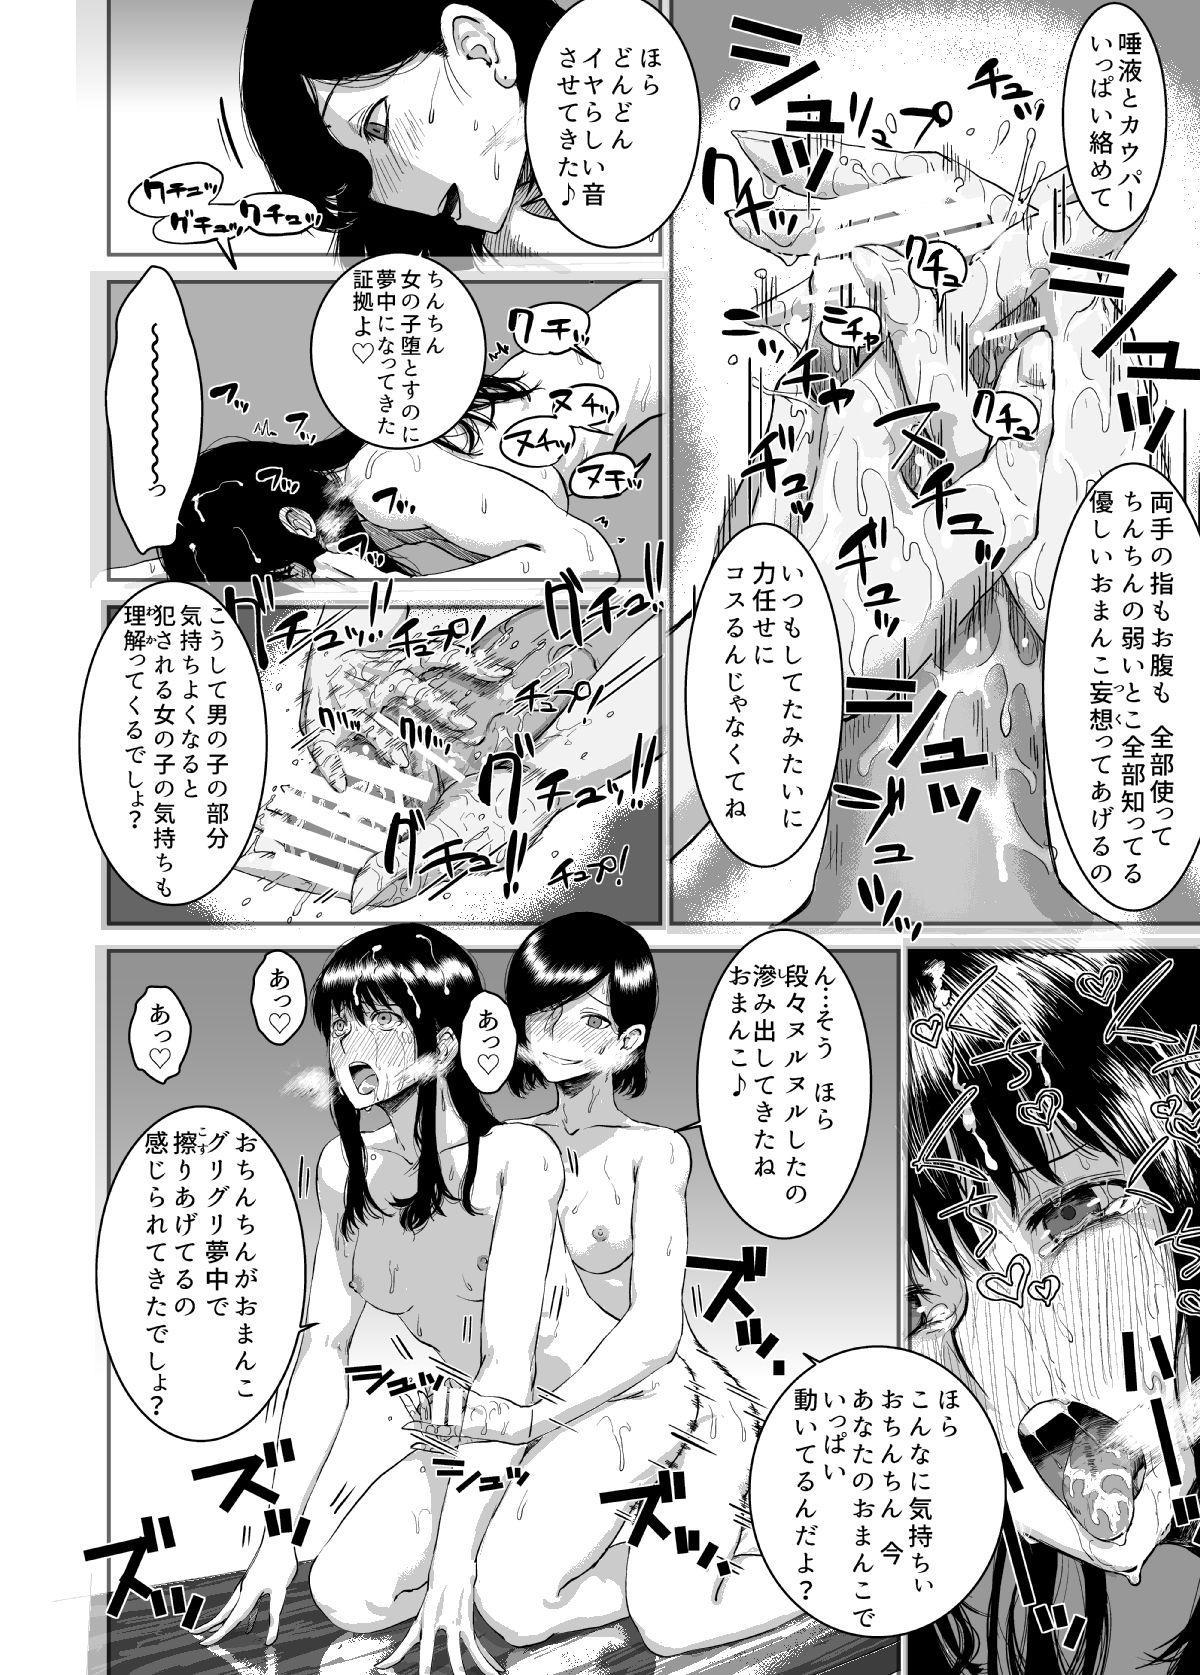 Tadashii Inu no Shitsuke ke Kata 11